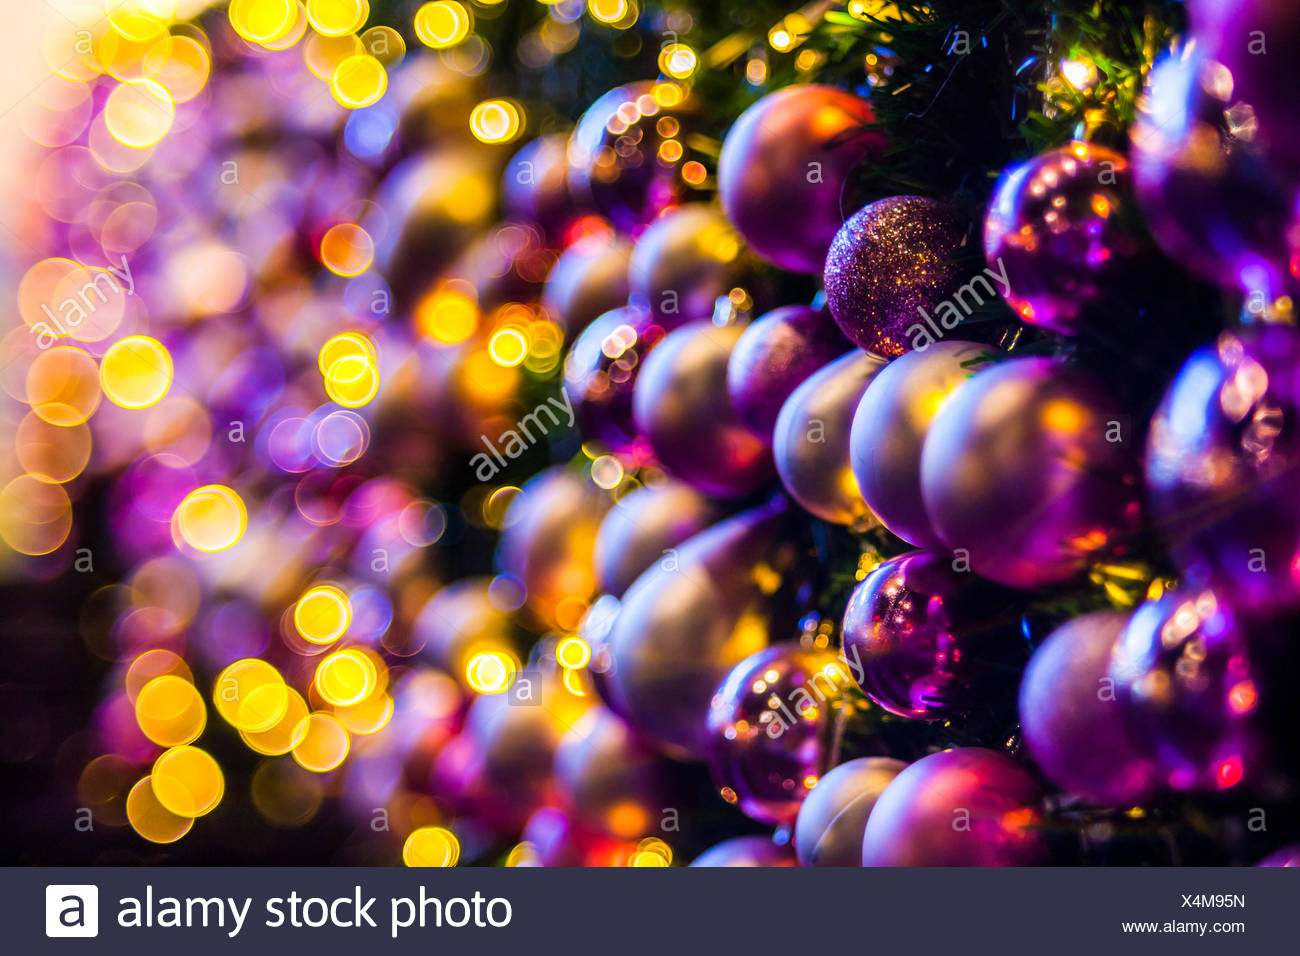 Beleuchtete Christbaumkugeln.Nahaufnahme Von Kugeln Hängen Beleuchtete Weihnachtsbaum Stockfoto